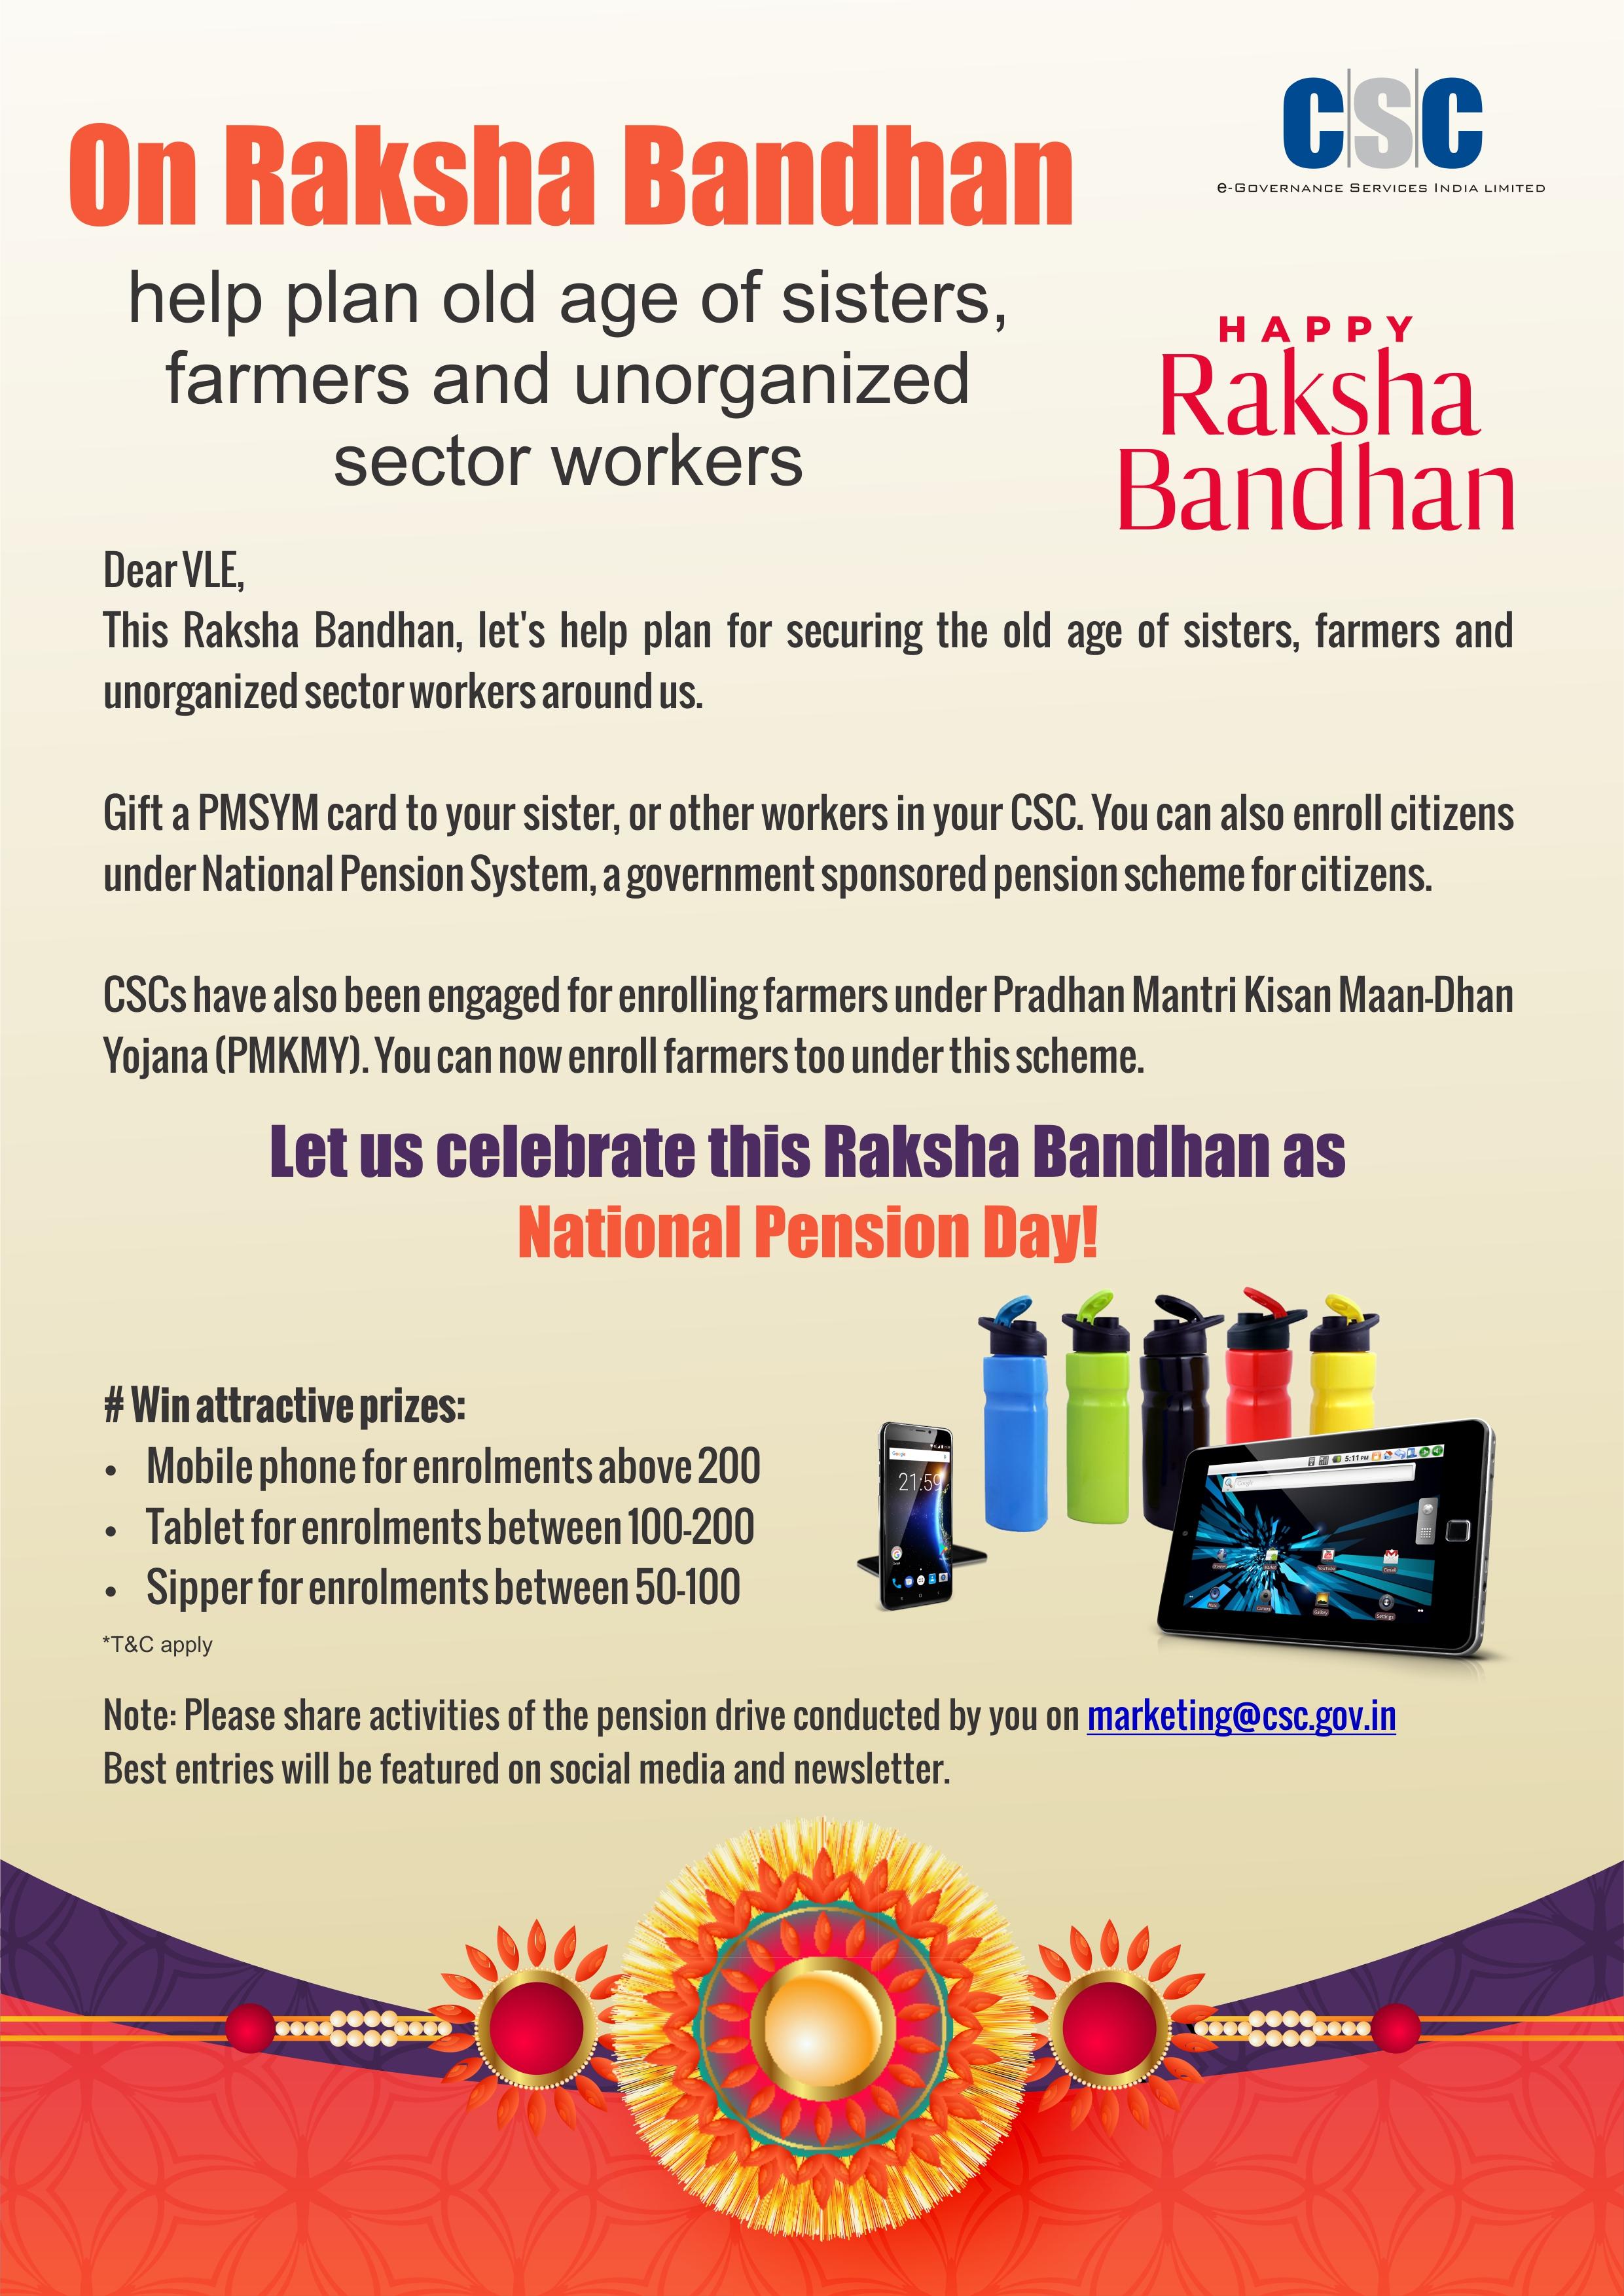 https://csc.gov.in/notification/Raksha-Bandhan-eng.jpg